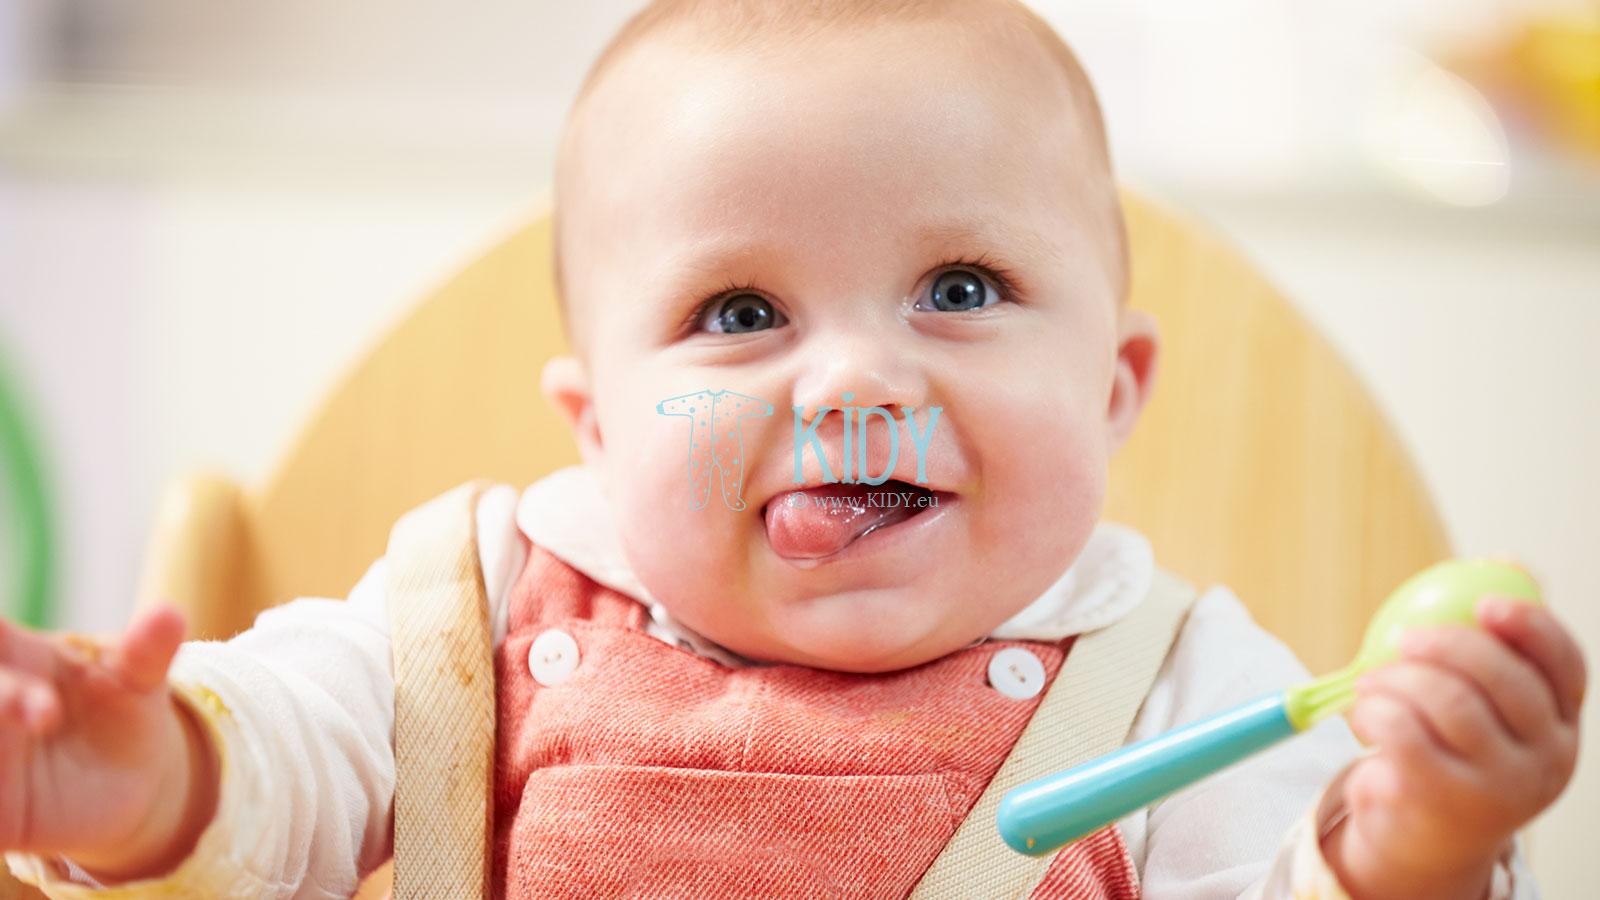 Kaip išmokyti vaiką valgyti savarankiškai?